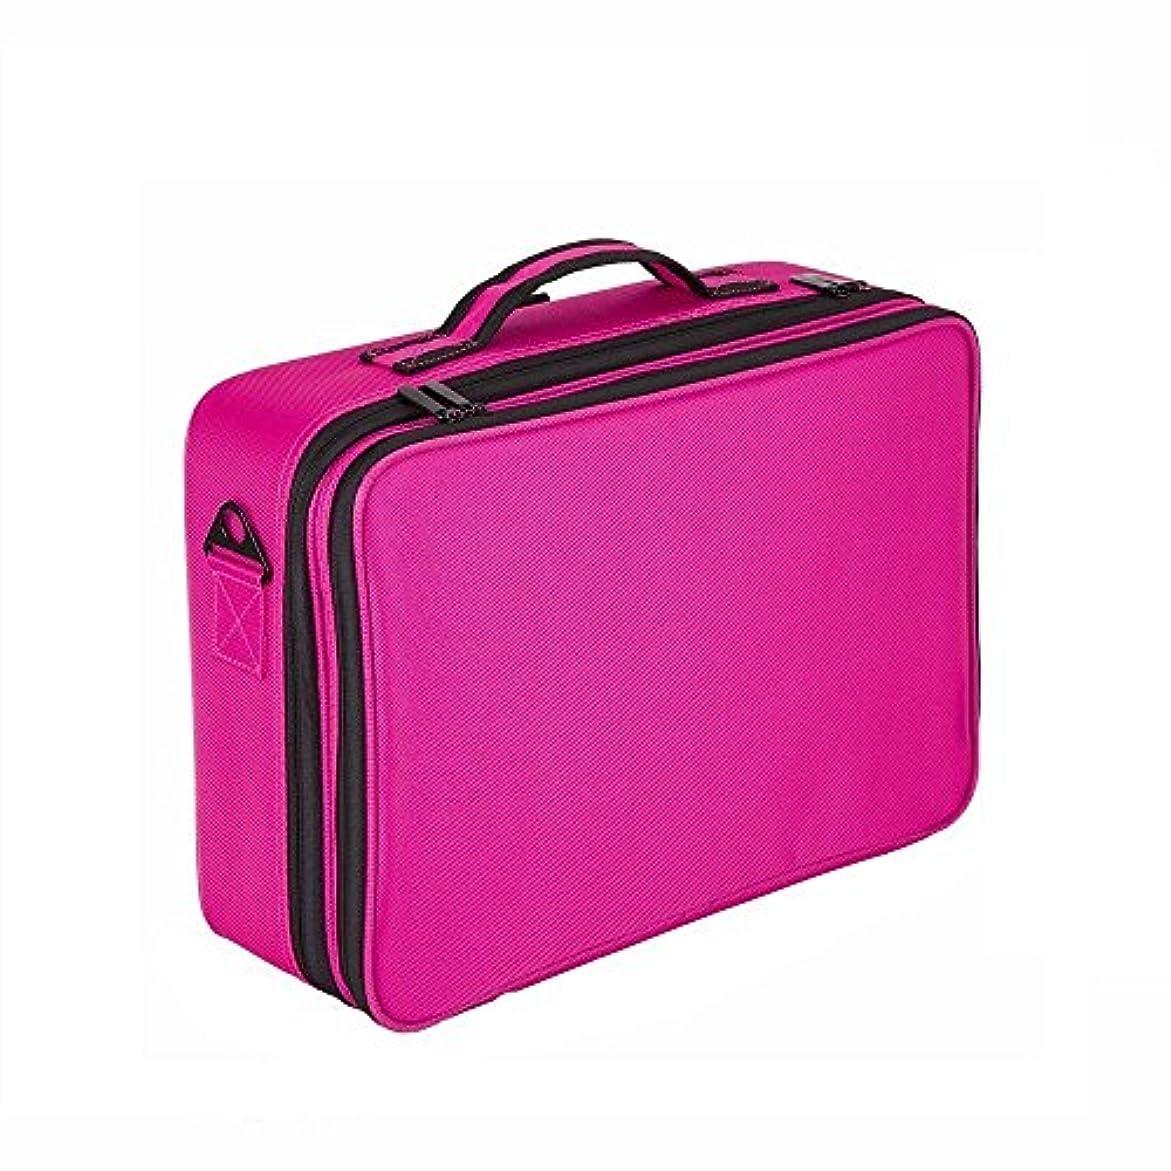 黒困難キュービックMLMSY化粧品ケースプロの旅行の化粧品の袋、鏡の化粧ケース、大容量の収納袋調節可能なclapboard化粧ケース42 cm * 30 cm * 12 cm